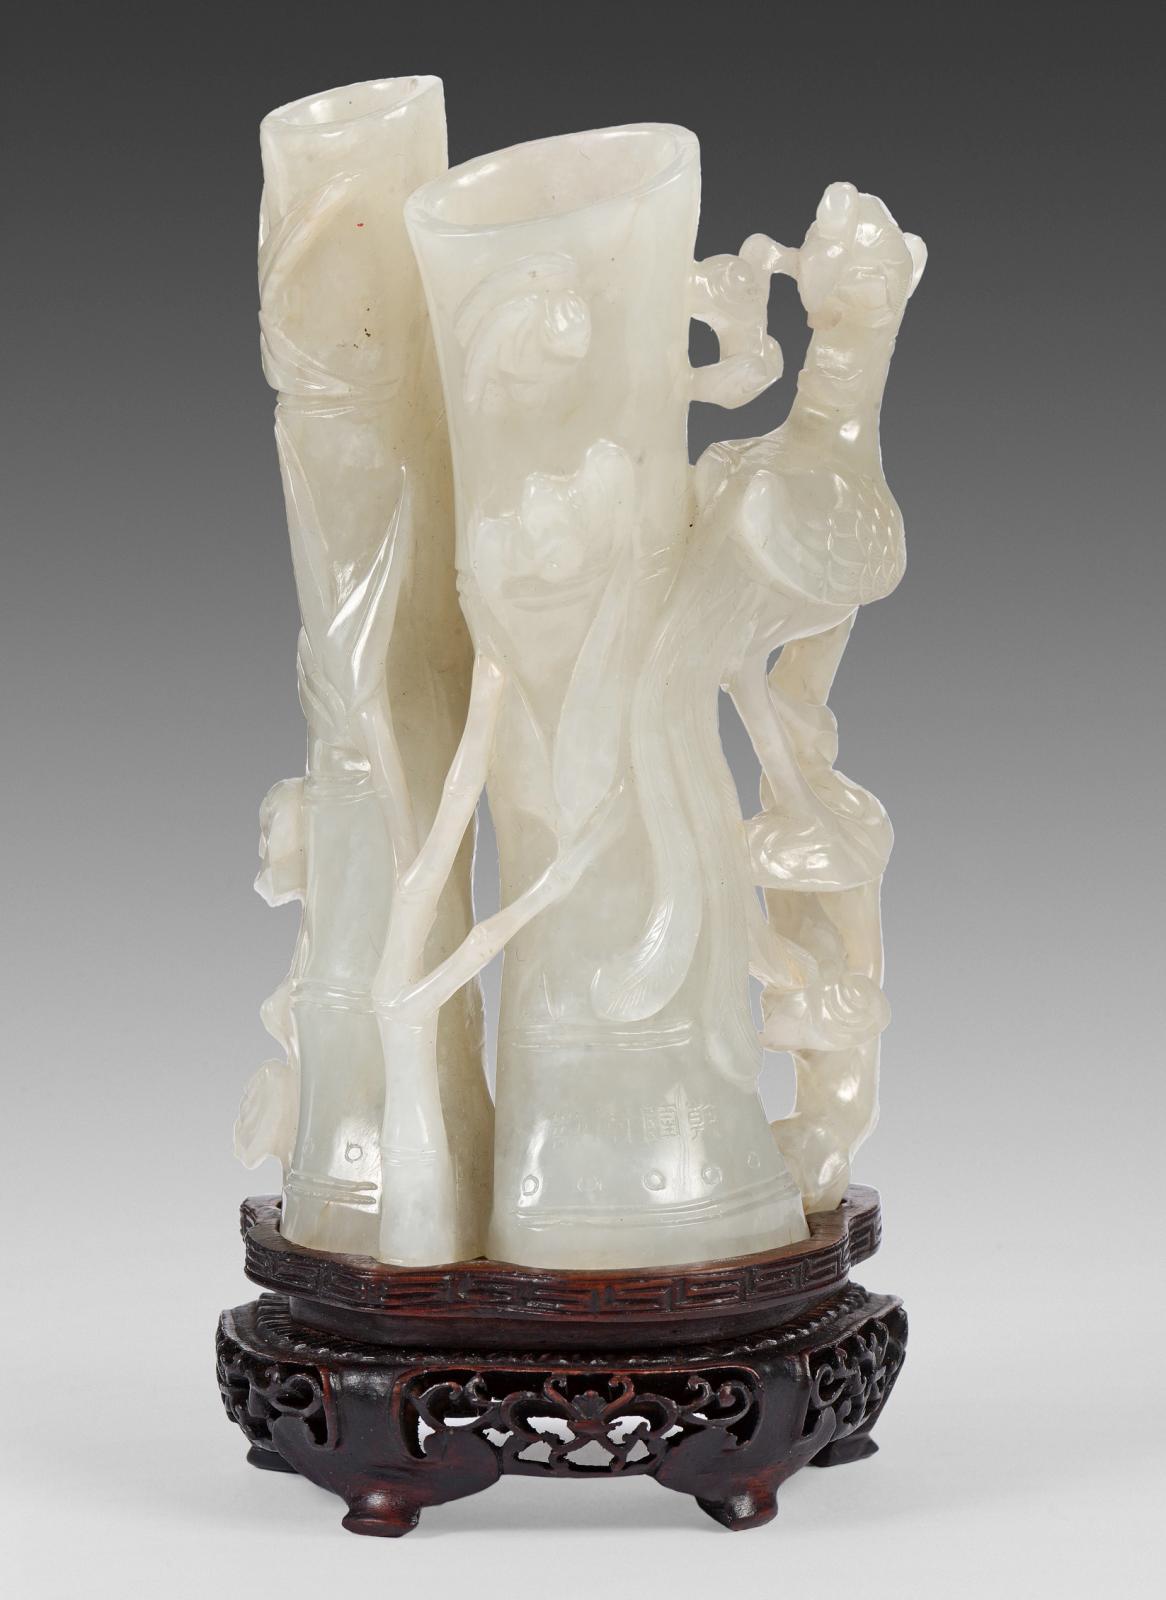 Chine, dynastie Qing, XVIIIe-XIXesiècle. Porte-bâtons d'encens en néphrite blanche, à deux réceptacles sculptés à l'imitation de bambous, d'un phénix